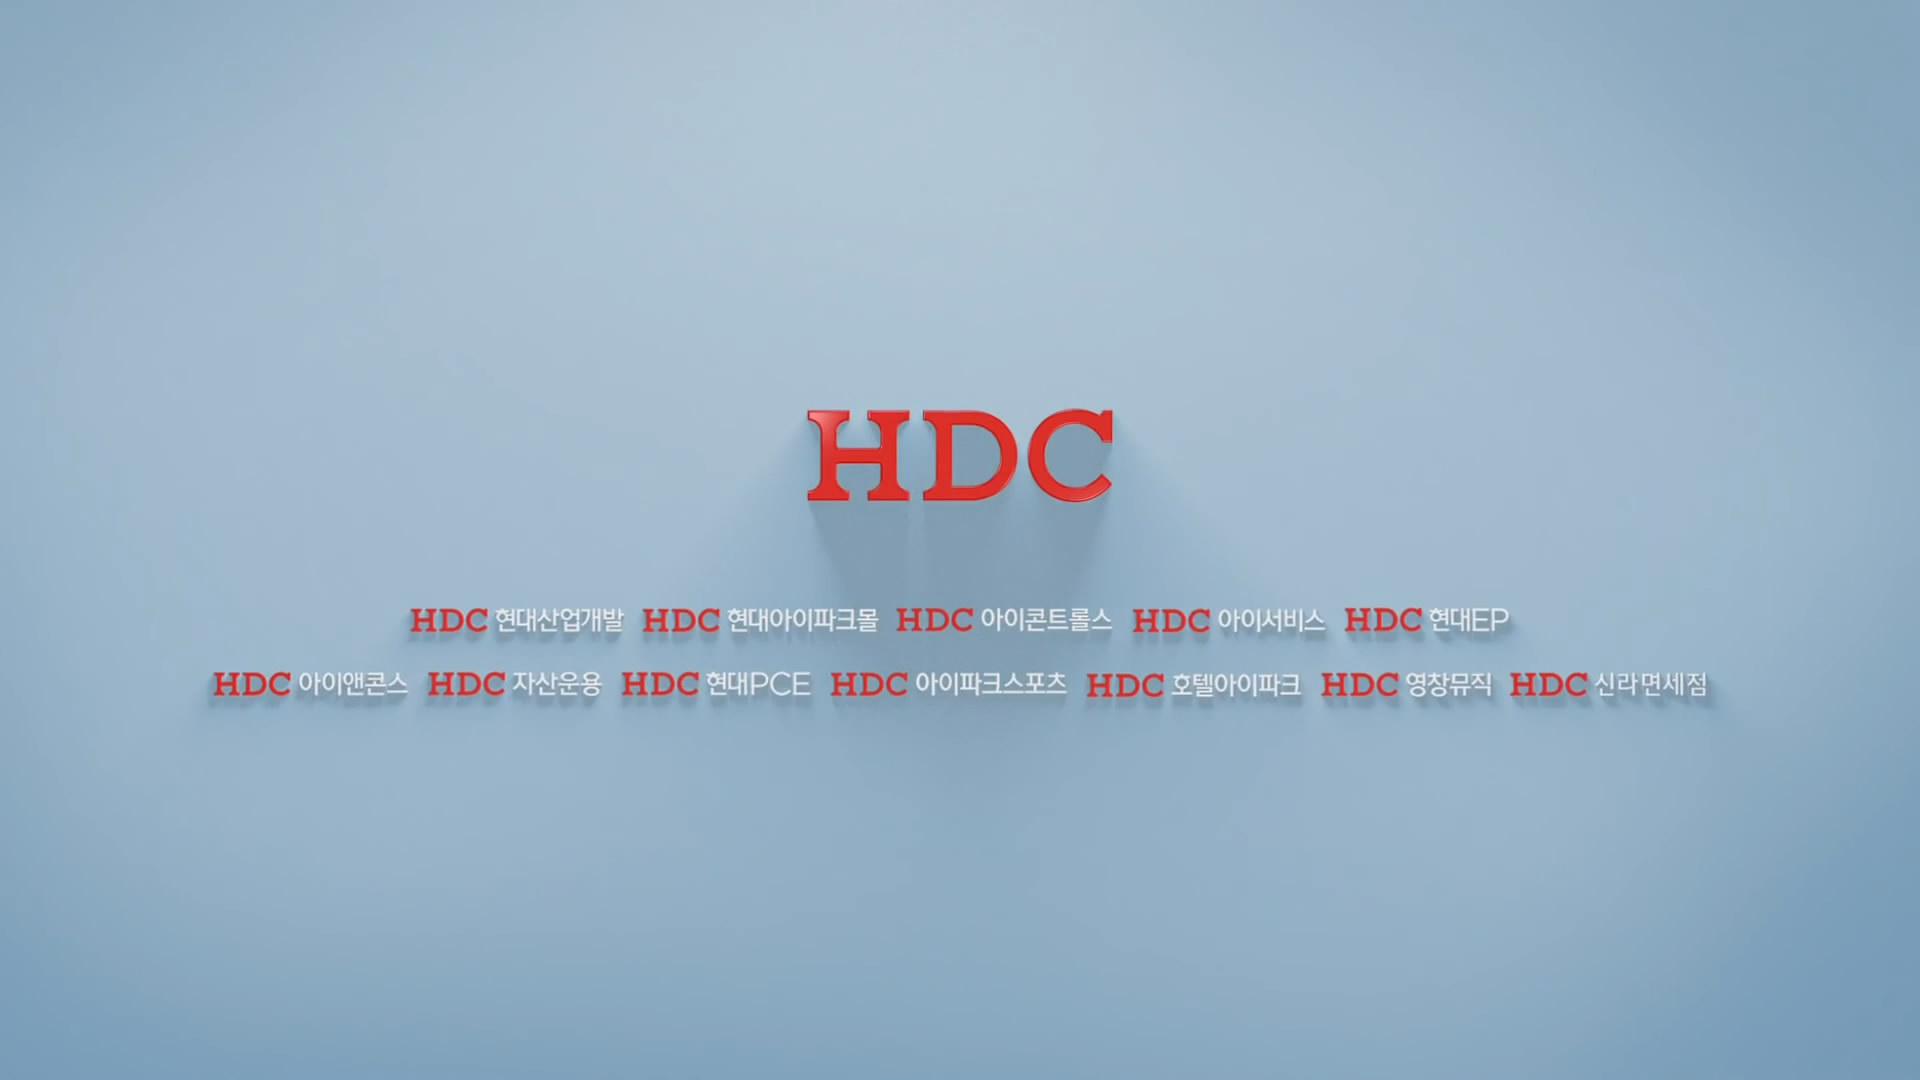 韩国HDC高端企业宣传片